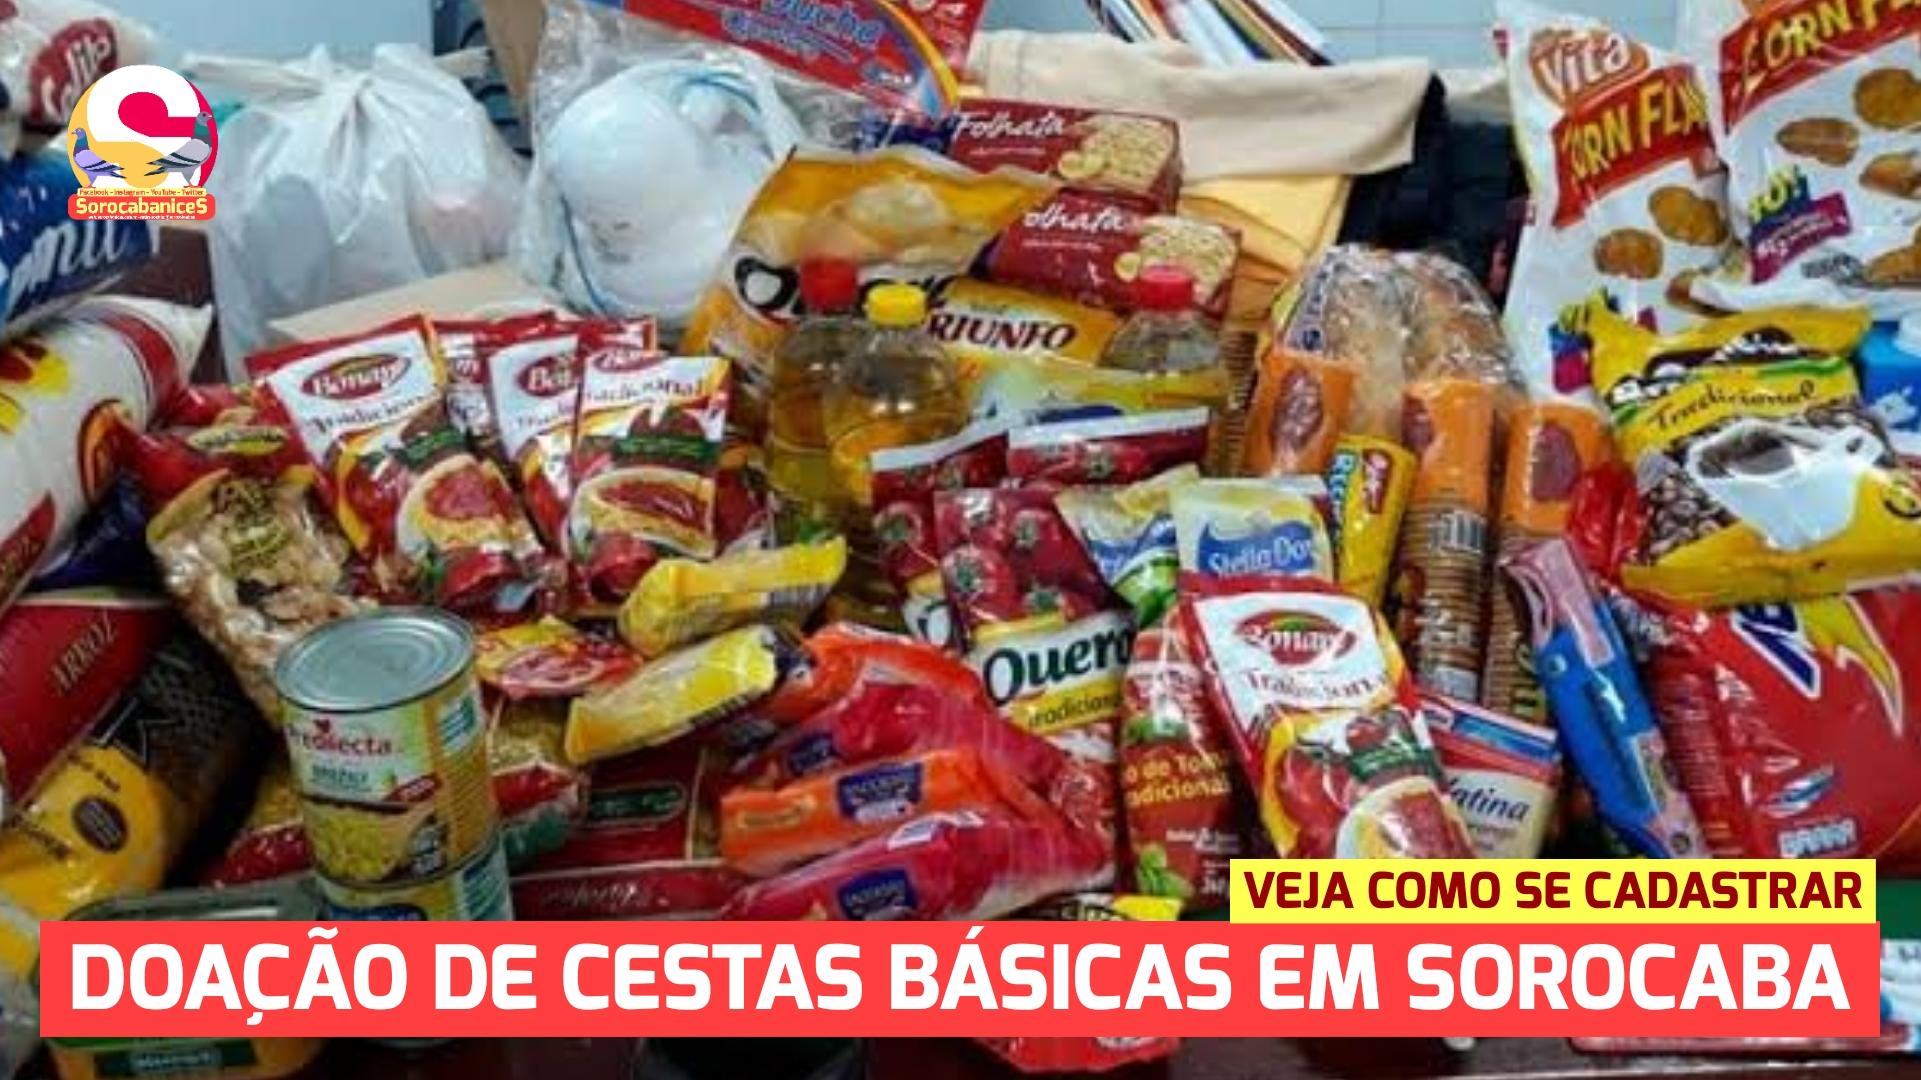 Banco de Alimentos doará cestas básicas à família carentes de Sorocaba; se cadastre!